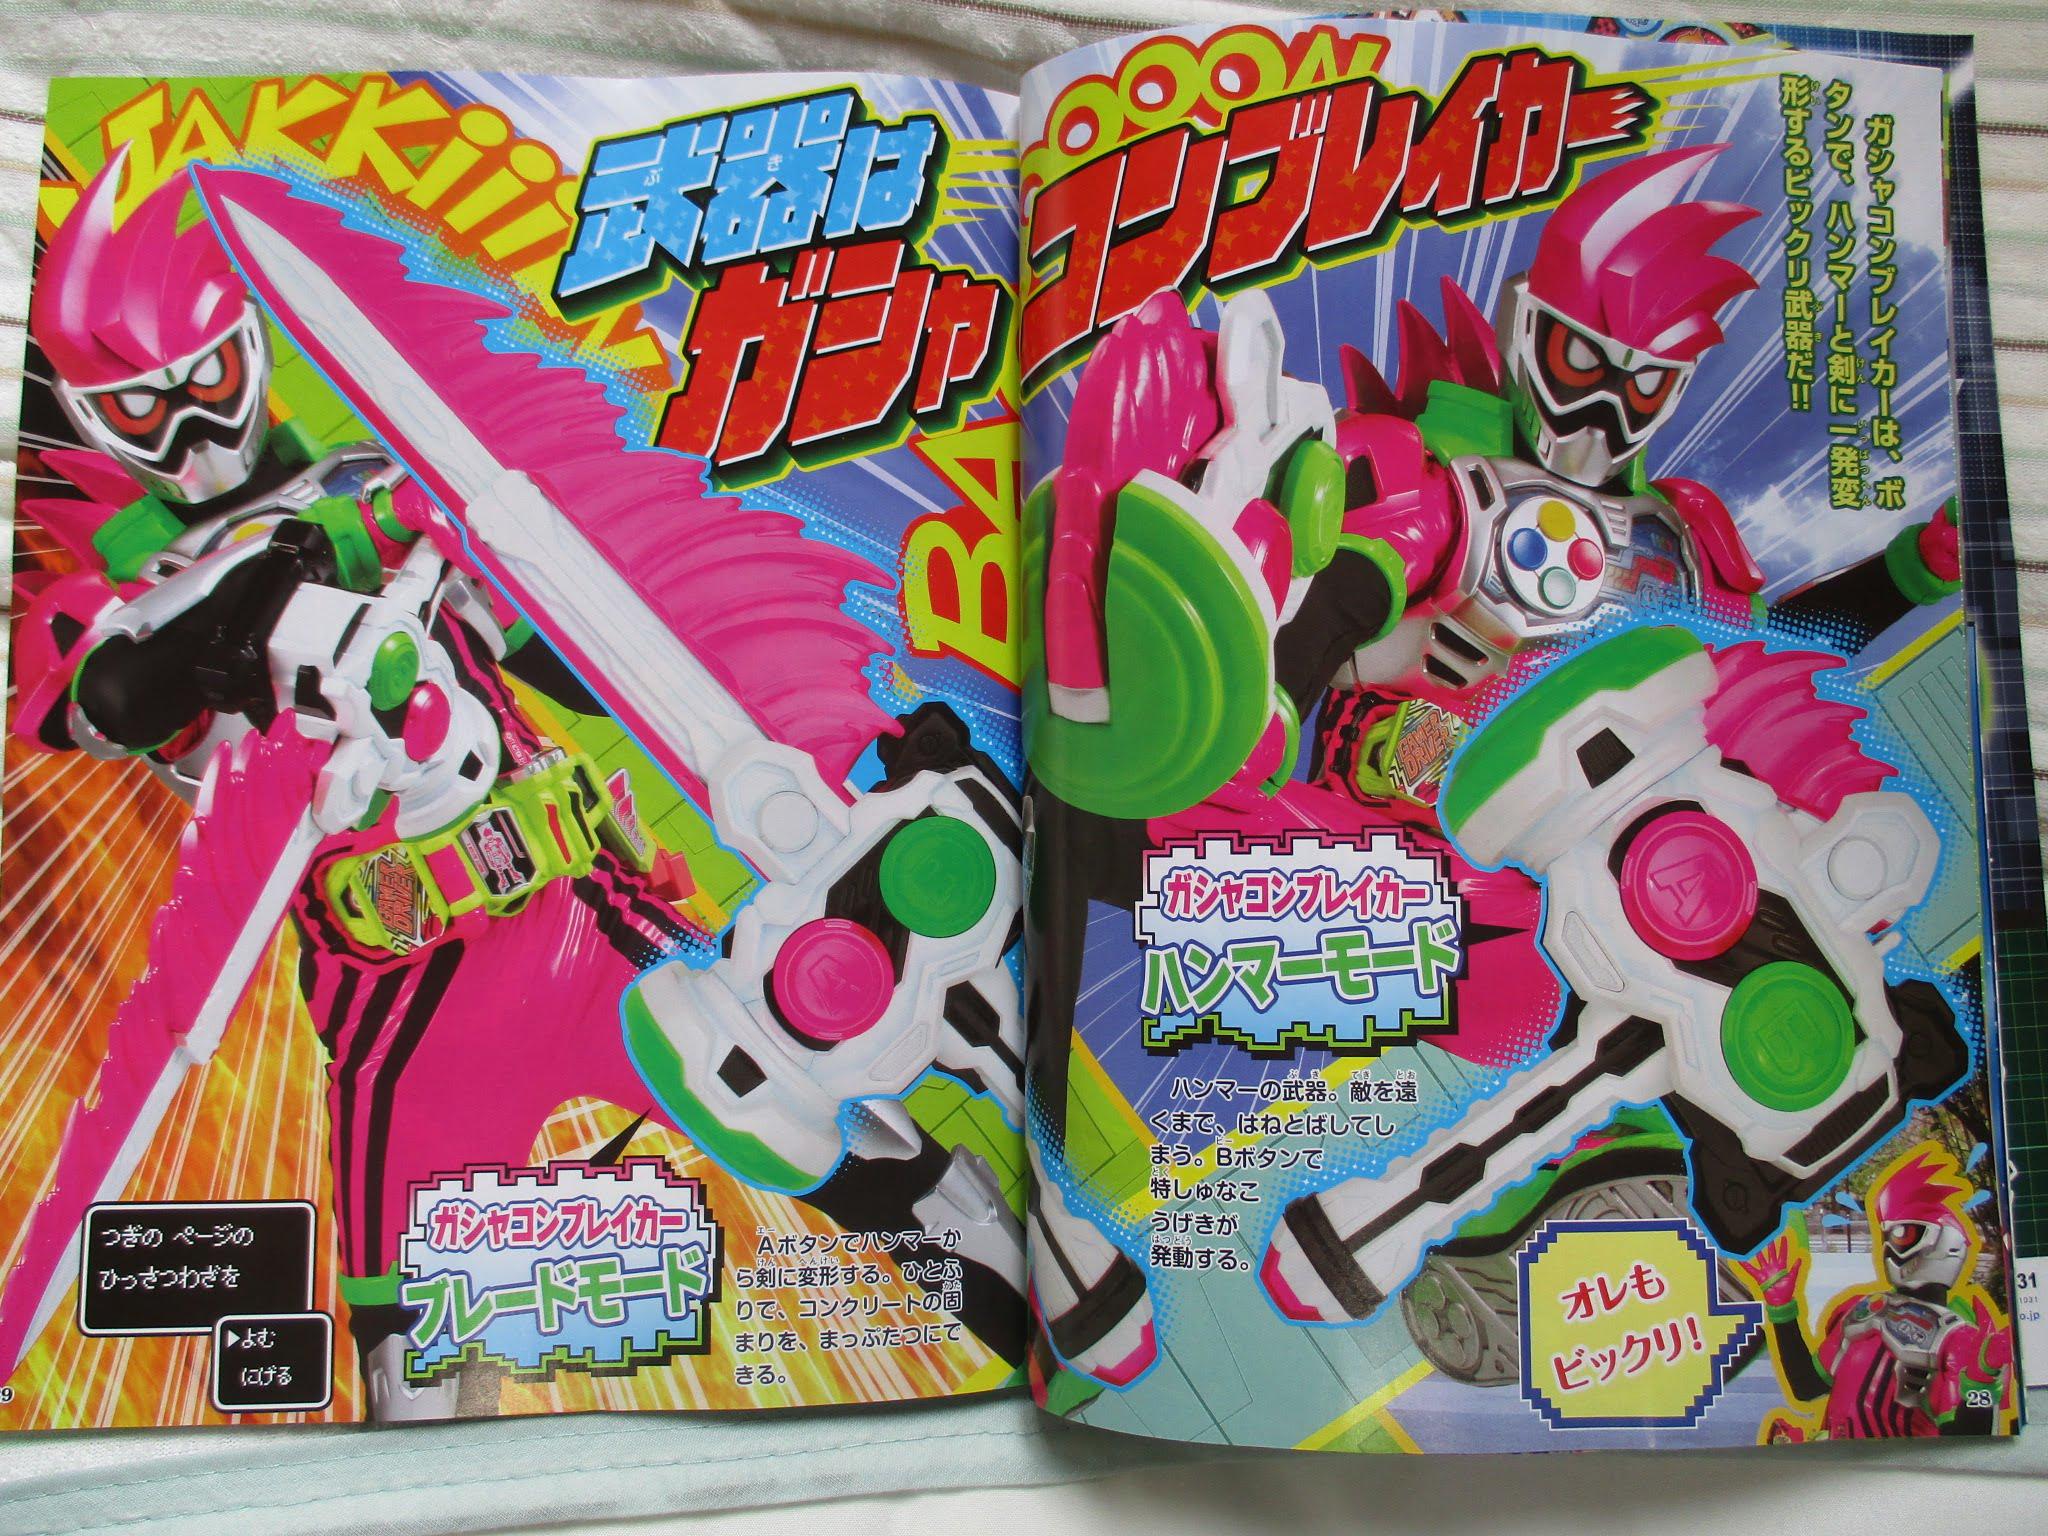 仮面ライダーエグゼイド 「仮面ライダーエグゼイド」 必殺技はクリティカルストライク、武器デザインも